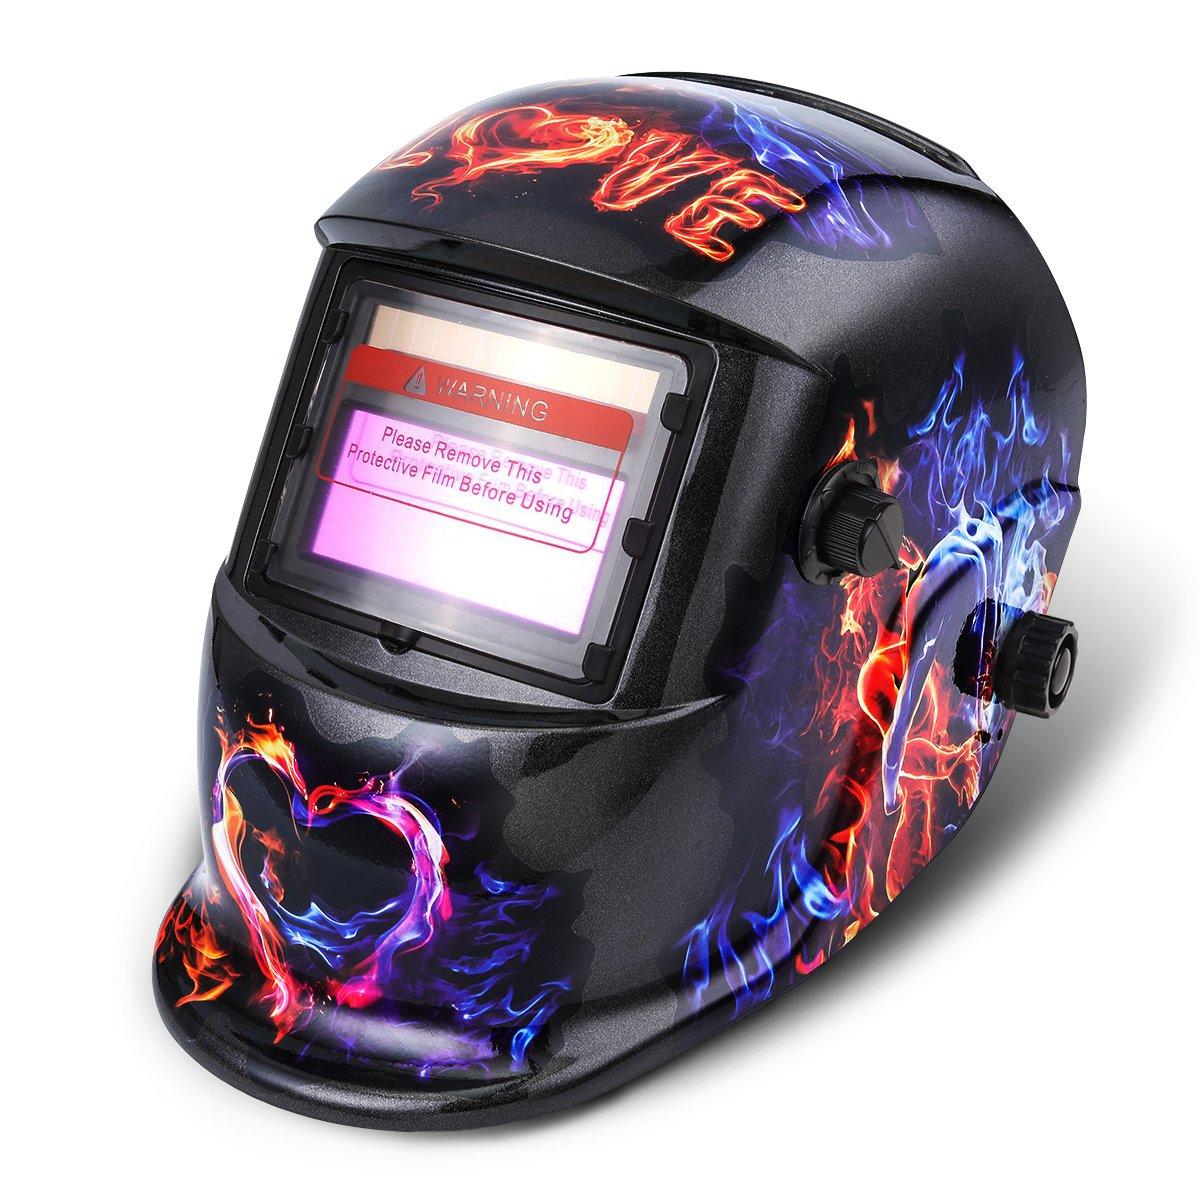 Casco de Soldadura,NASUM Máscara Solar-Alimentado de Soldadura de Oscurecimiento Automático Máscara de Soldadores para TIG/MIG/MMA (Negro): Amazon.es: ...